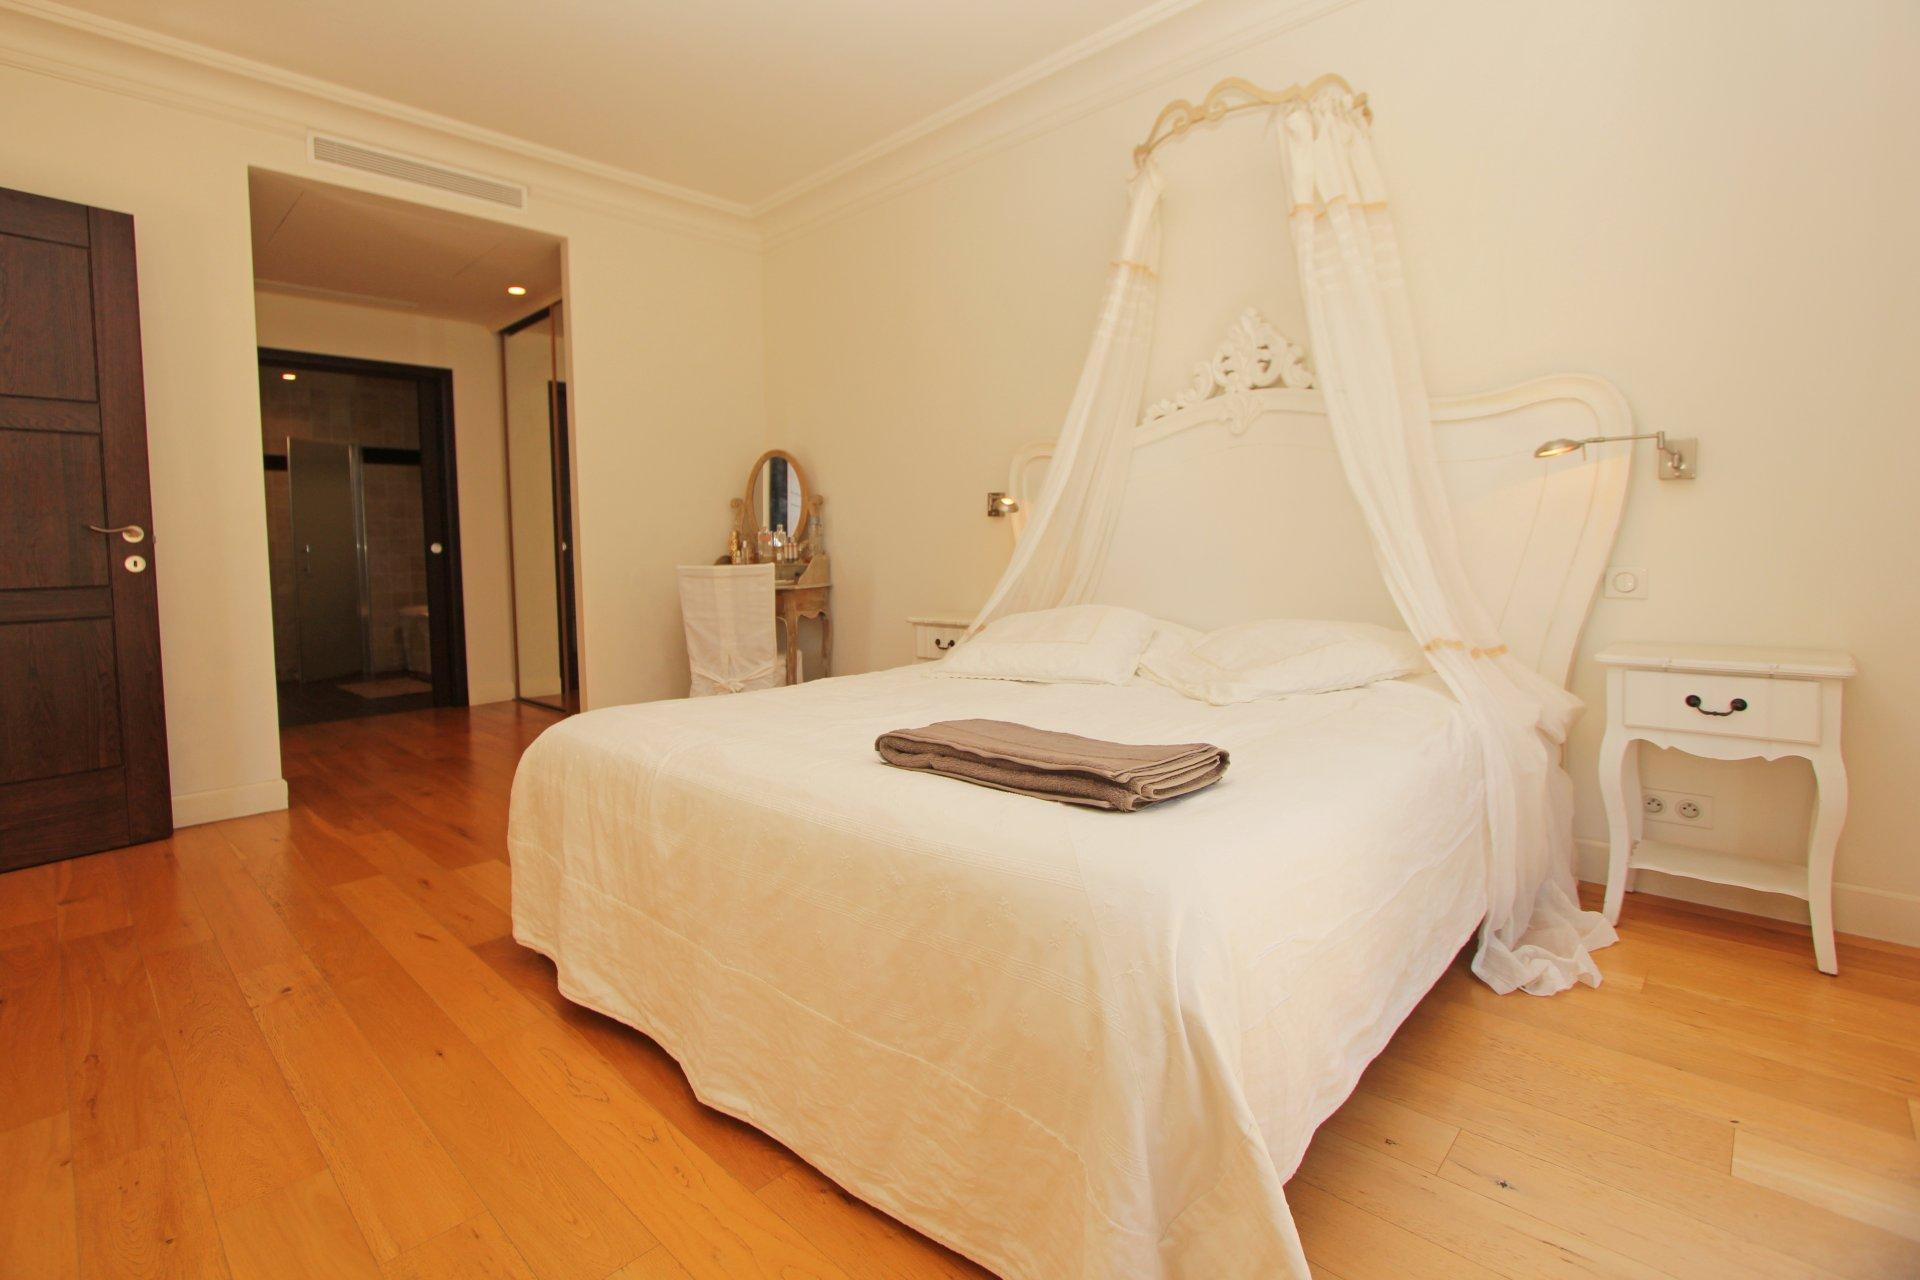 Villa till salu med havsutsikt - Franska Rivieran